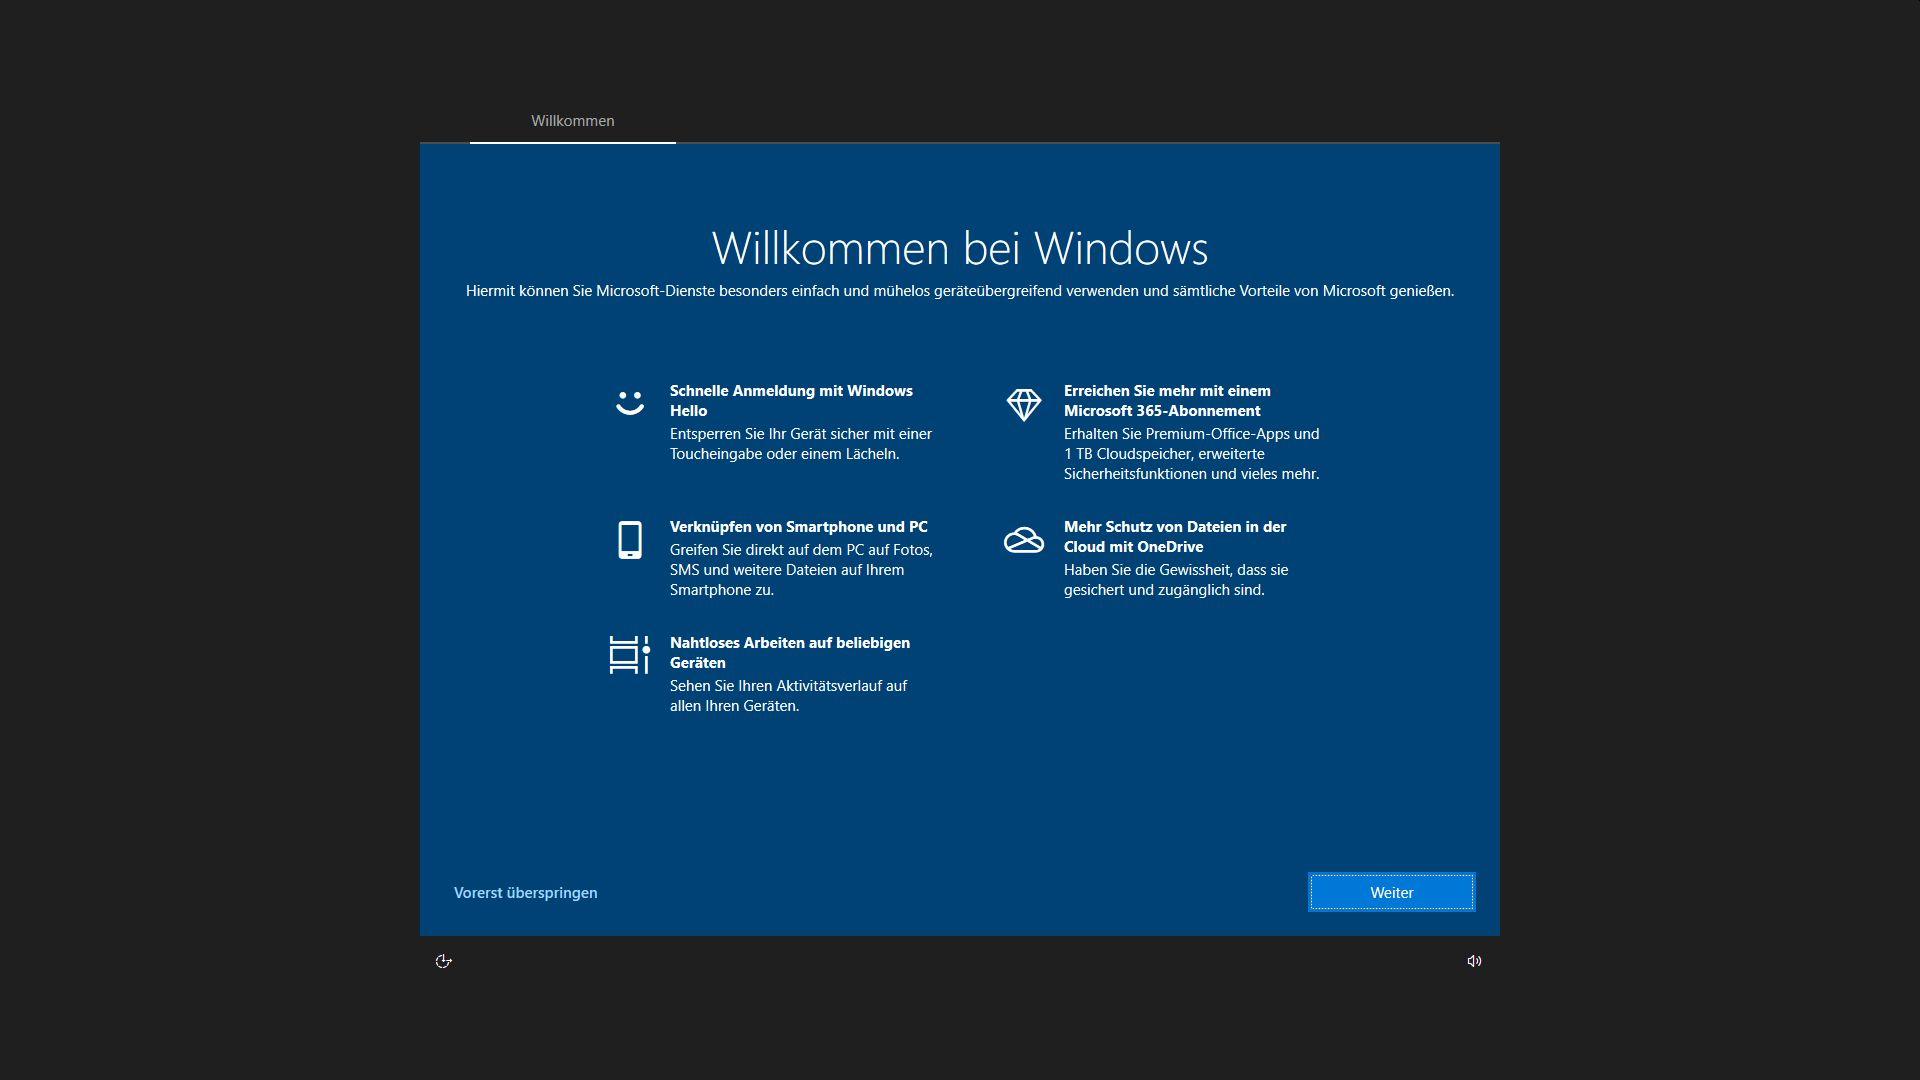 Willkommen bei Windows.jpg